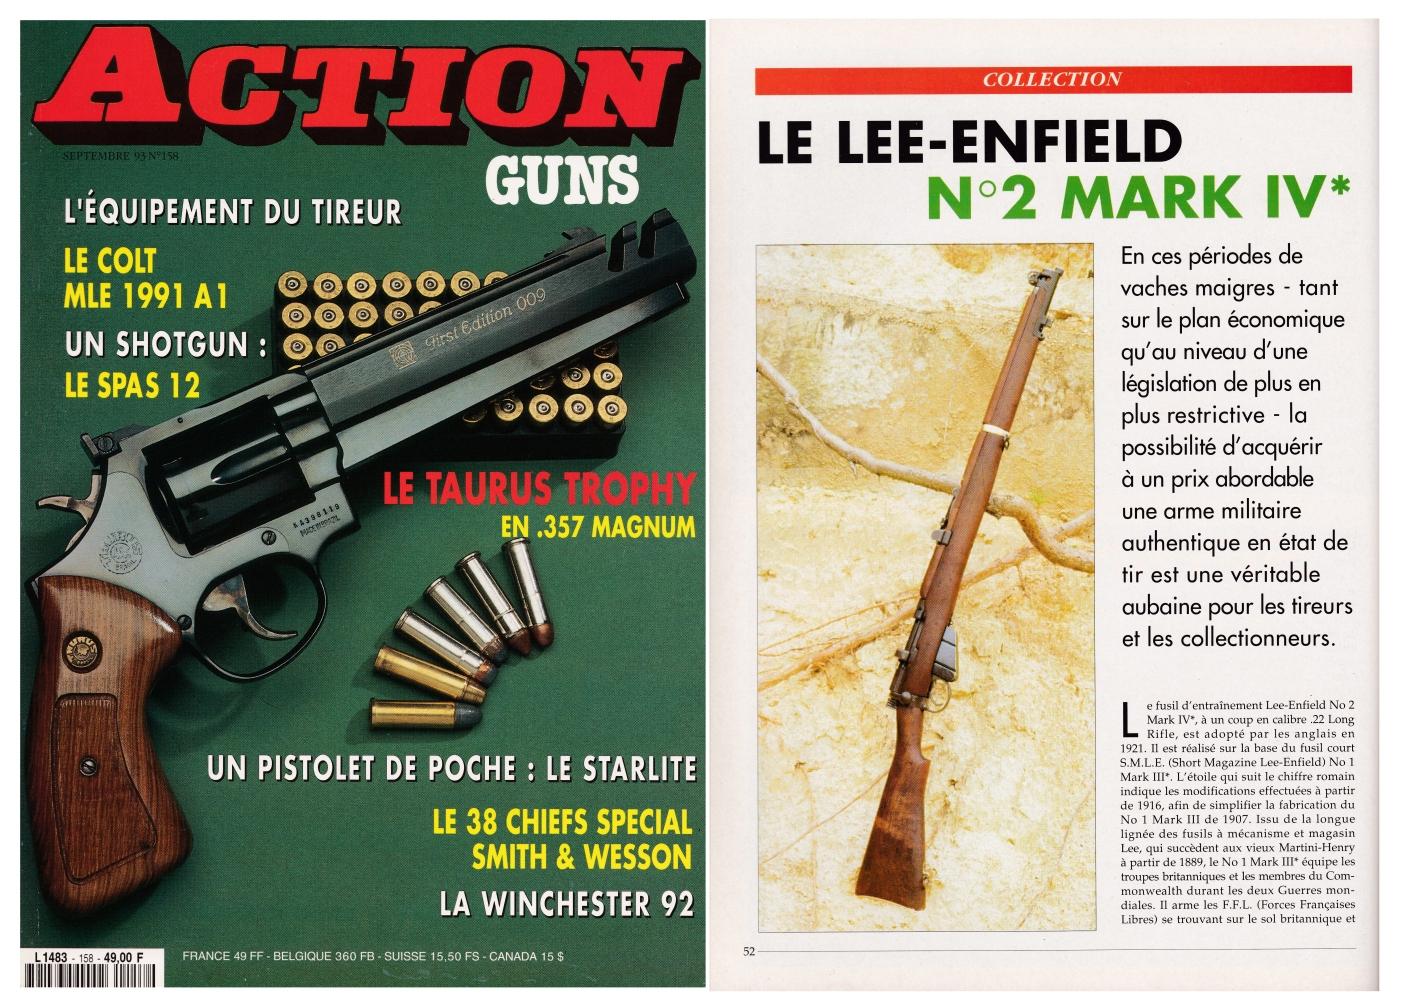 Le banc d'essai du fusil d'entrainement Lee-Enfield N°2 Mark IV* a été publié sur 6 pages dans le magazine Action Guns n°158 (septembre 1993).